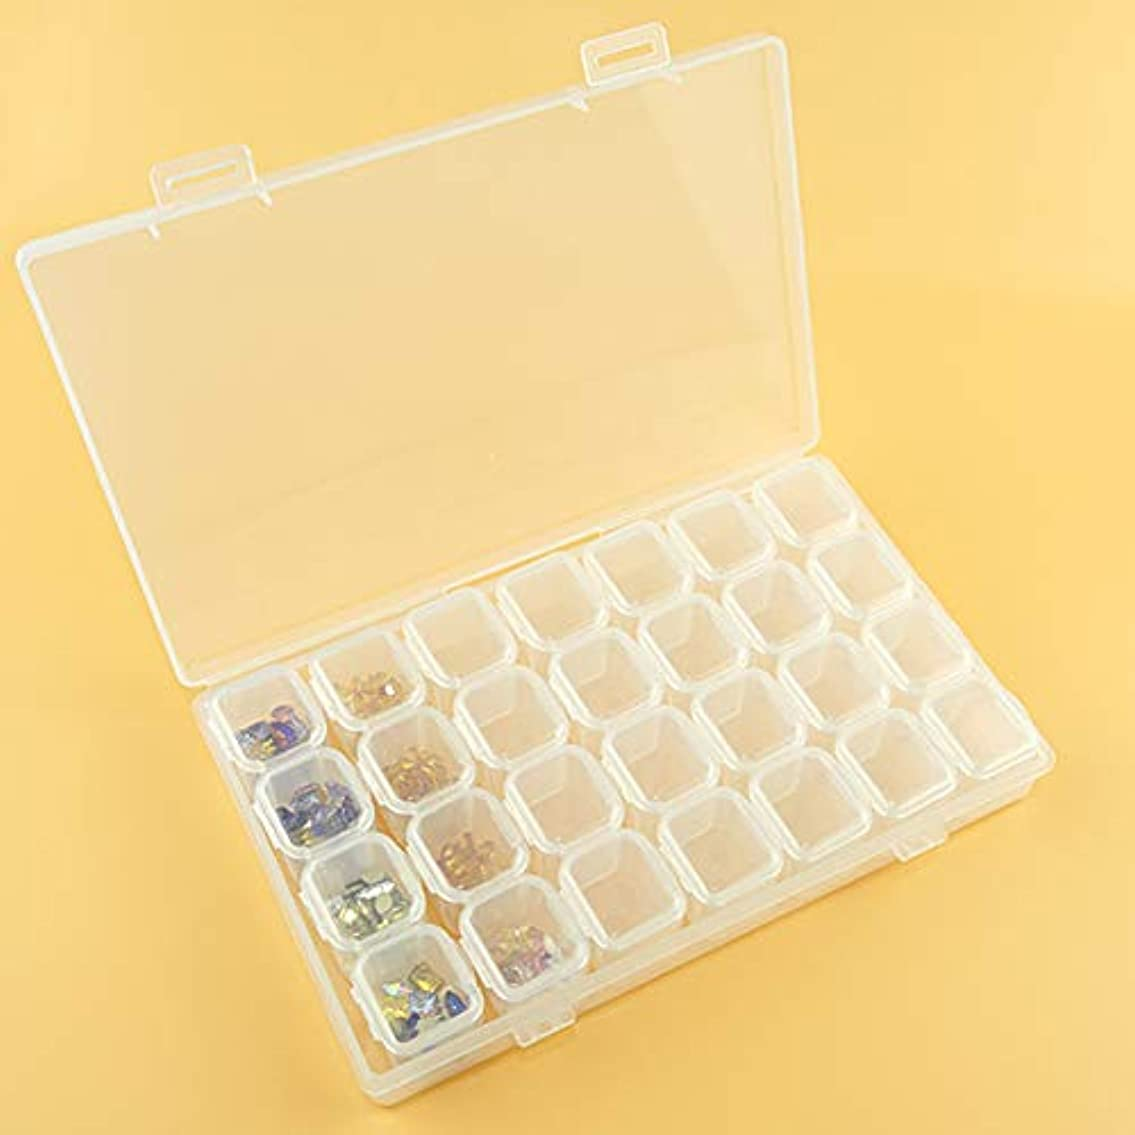 香りくるくる第二hamulekfae-透明28コンパートメントネイルアートラインストーンジュエリー装飾収納ボックス - 透明Transparent